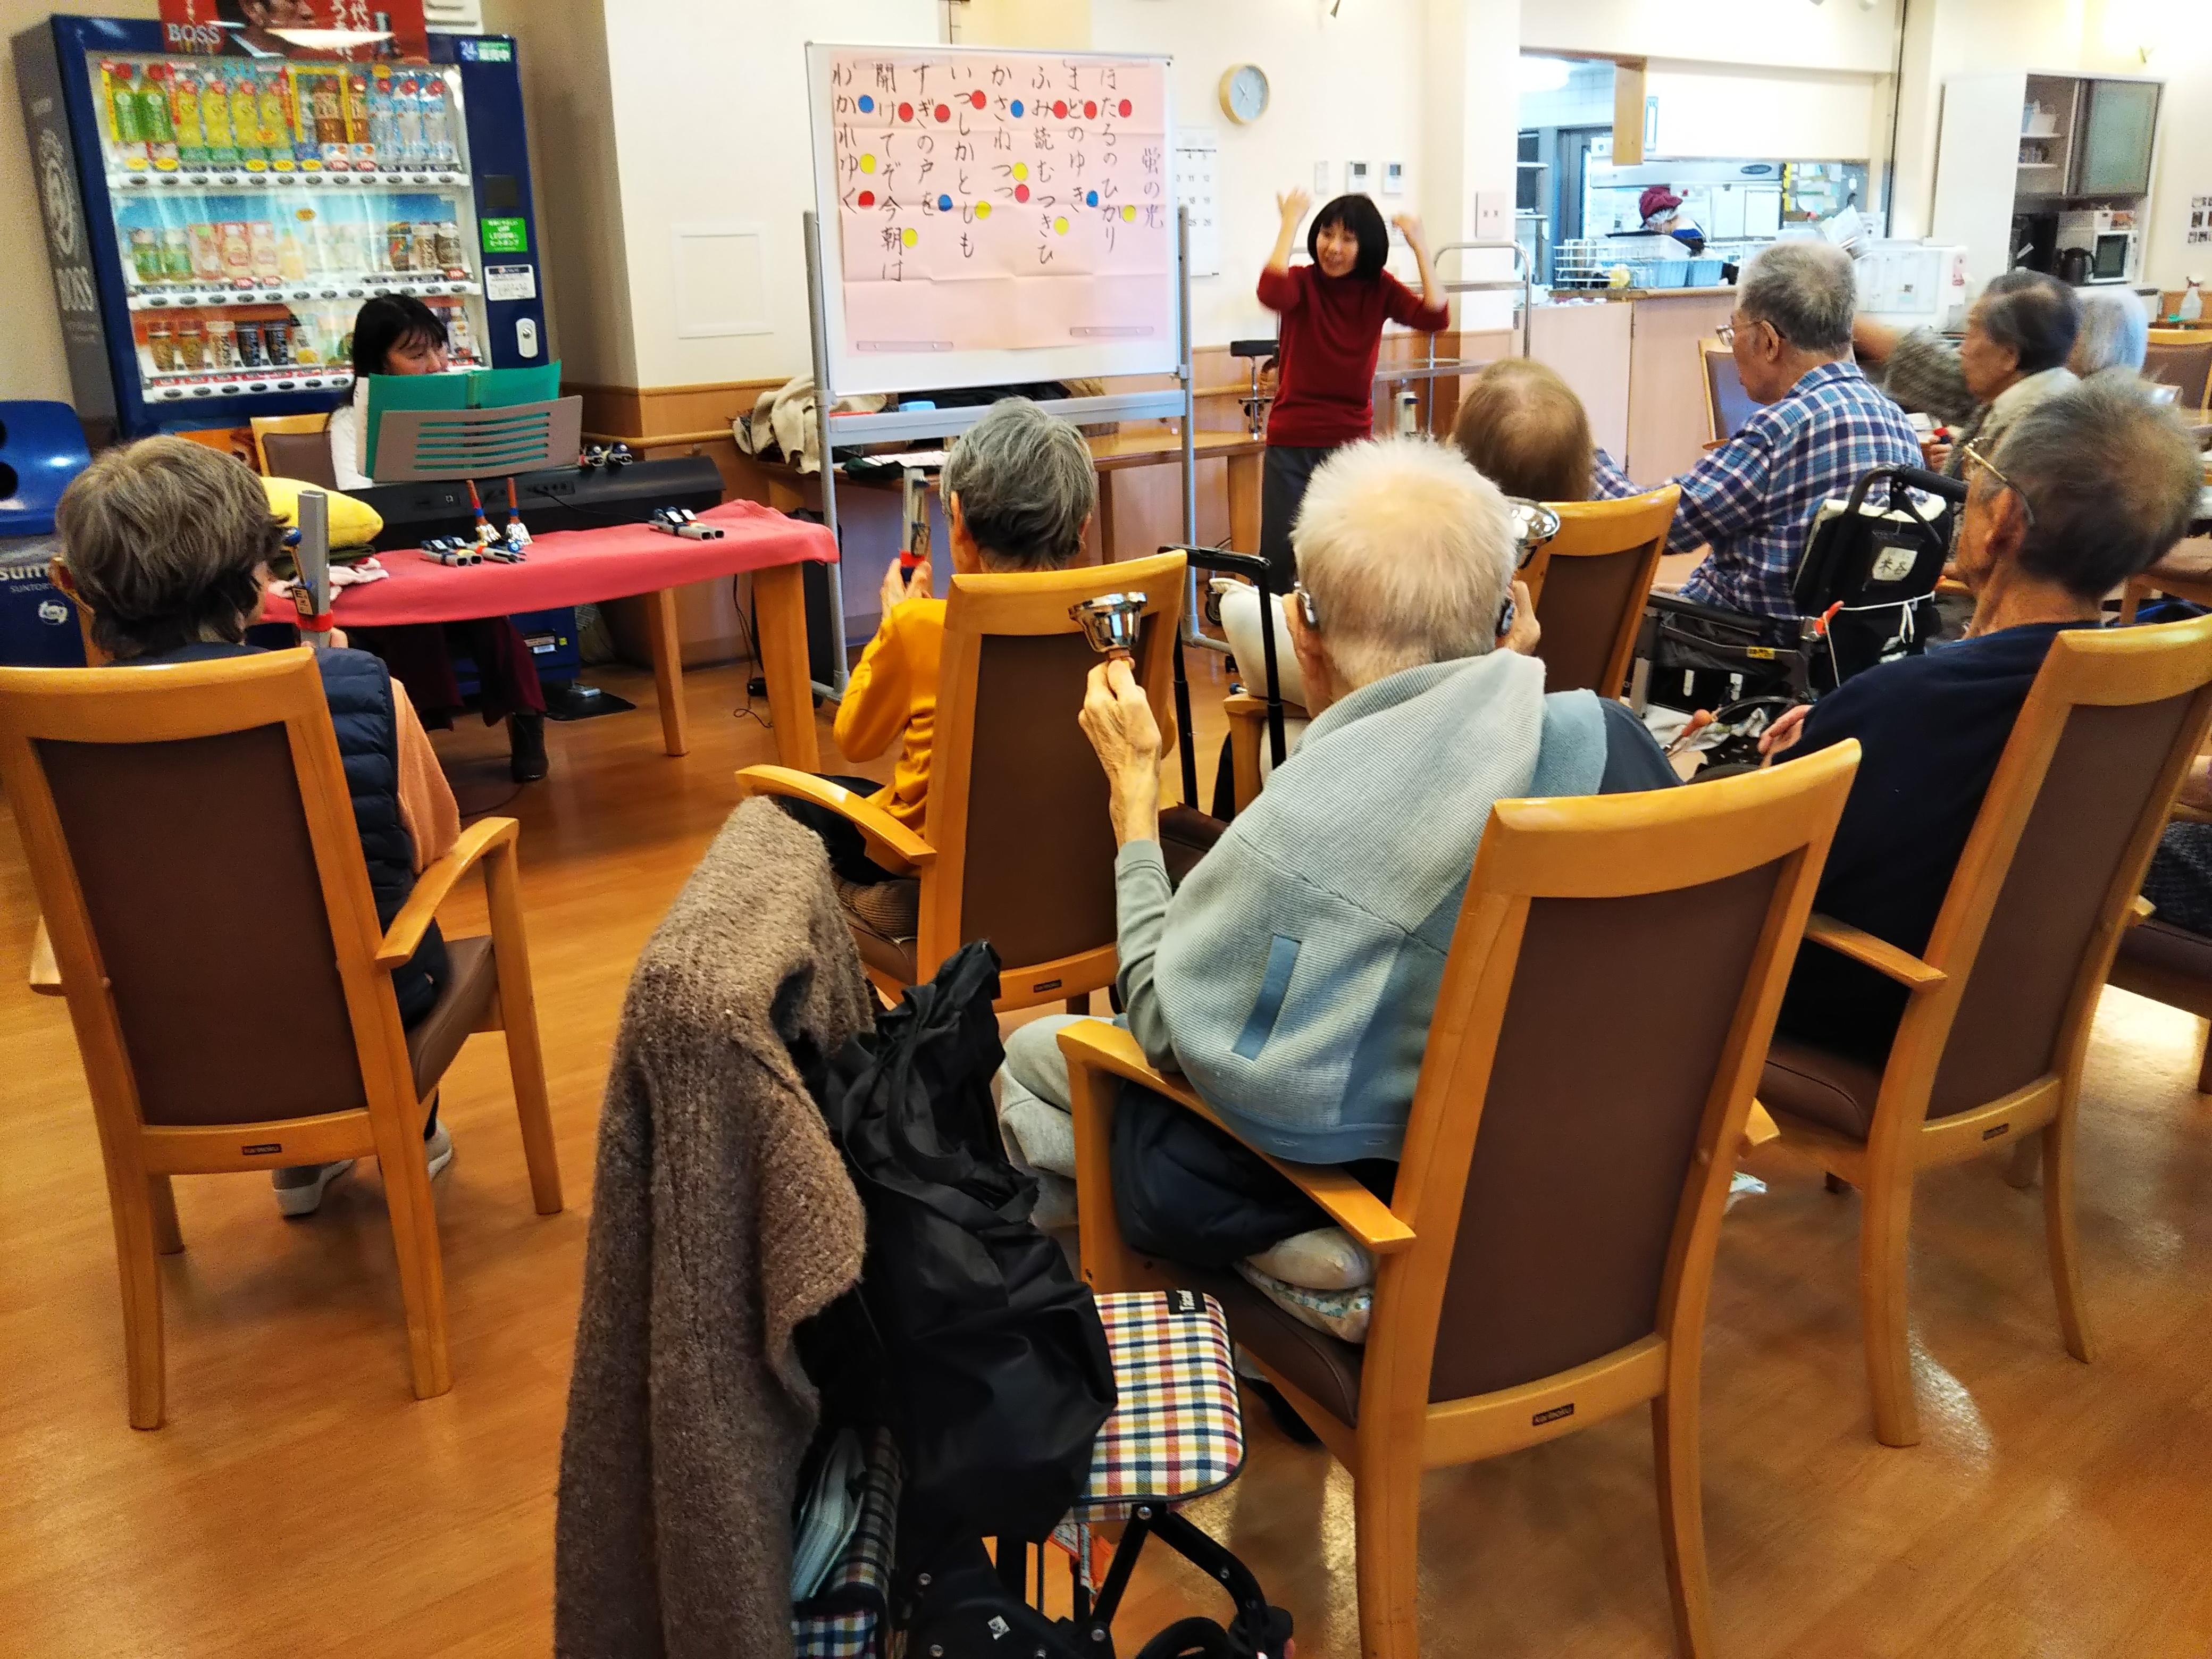 高齢者施設で行われている「若返りリトミック」の様子。ハンドベルなどを持ちプログラムを楽しむ参加者の方々。